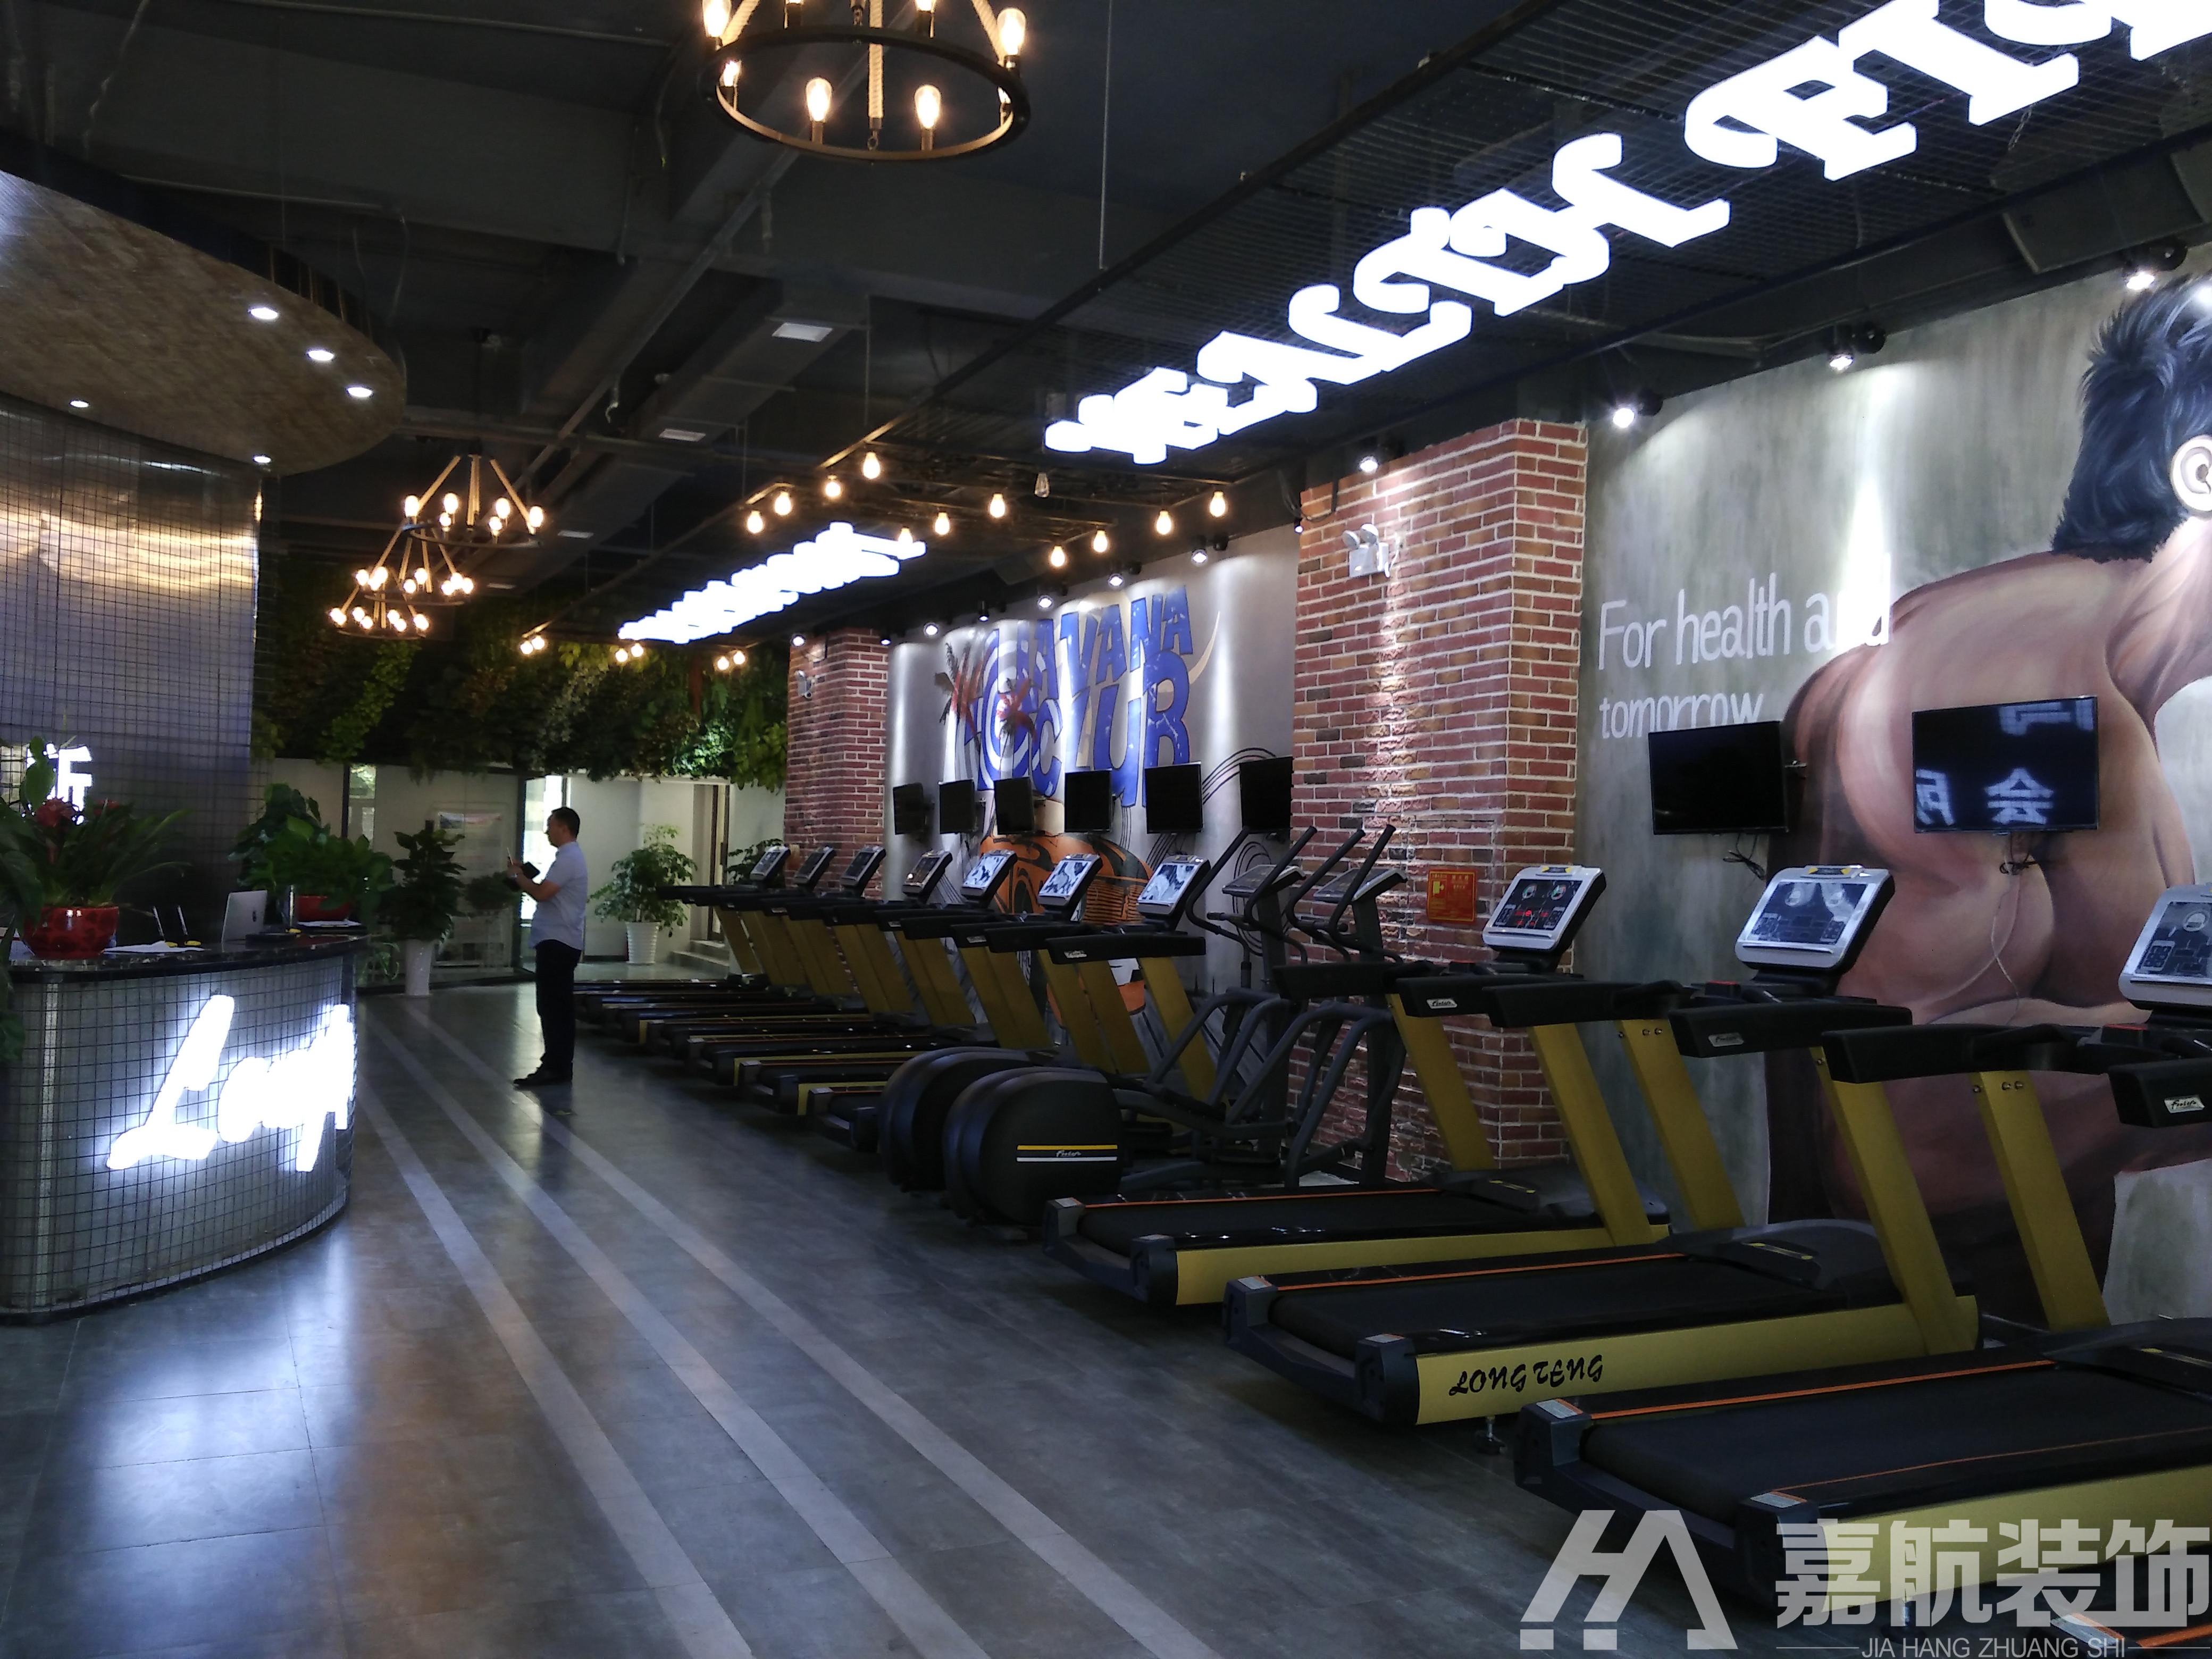 健身房设计,健身房装修效果图,美容店美发店设计装修效果图